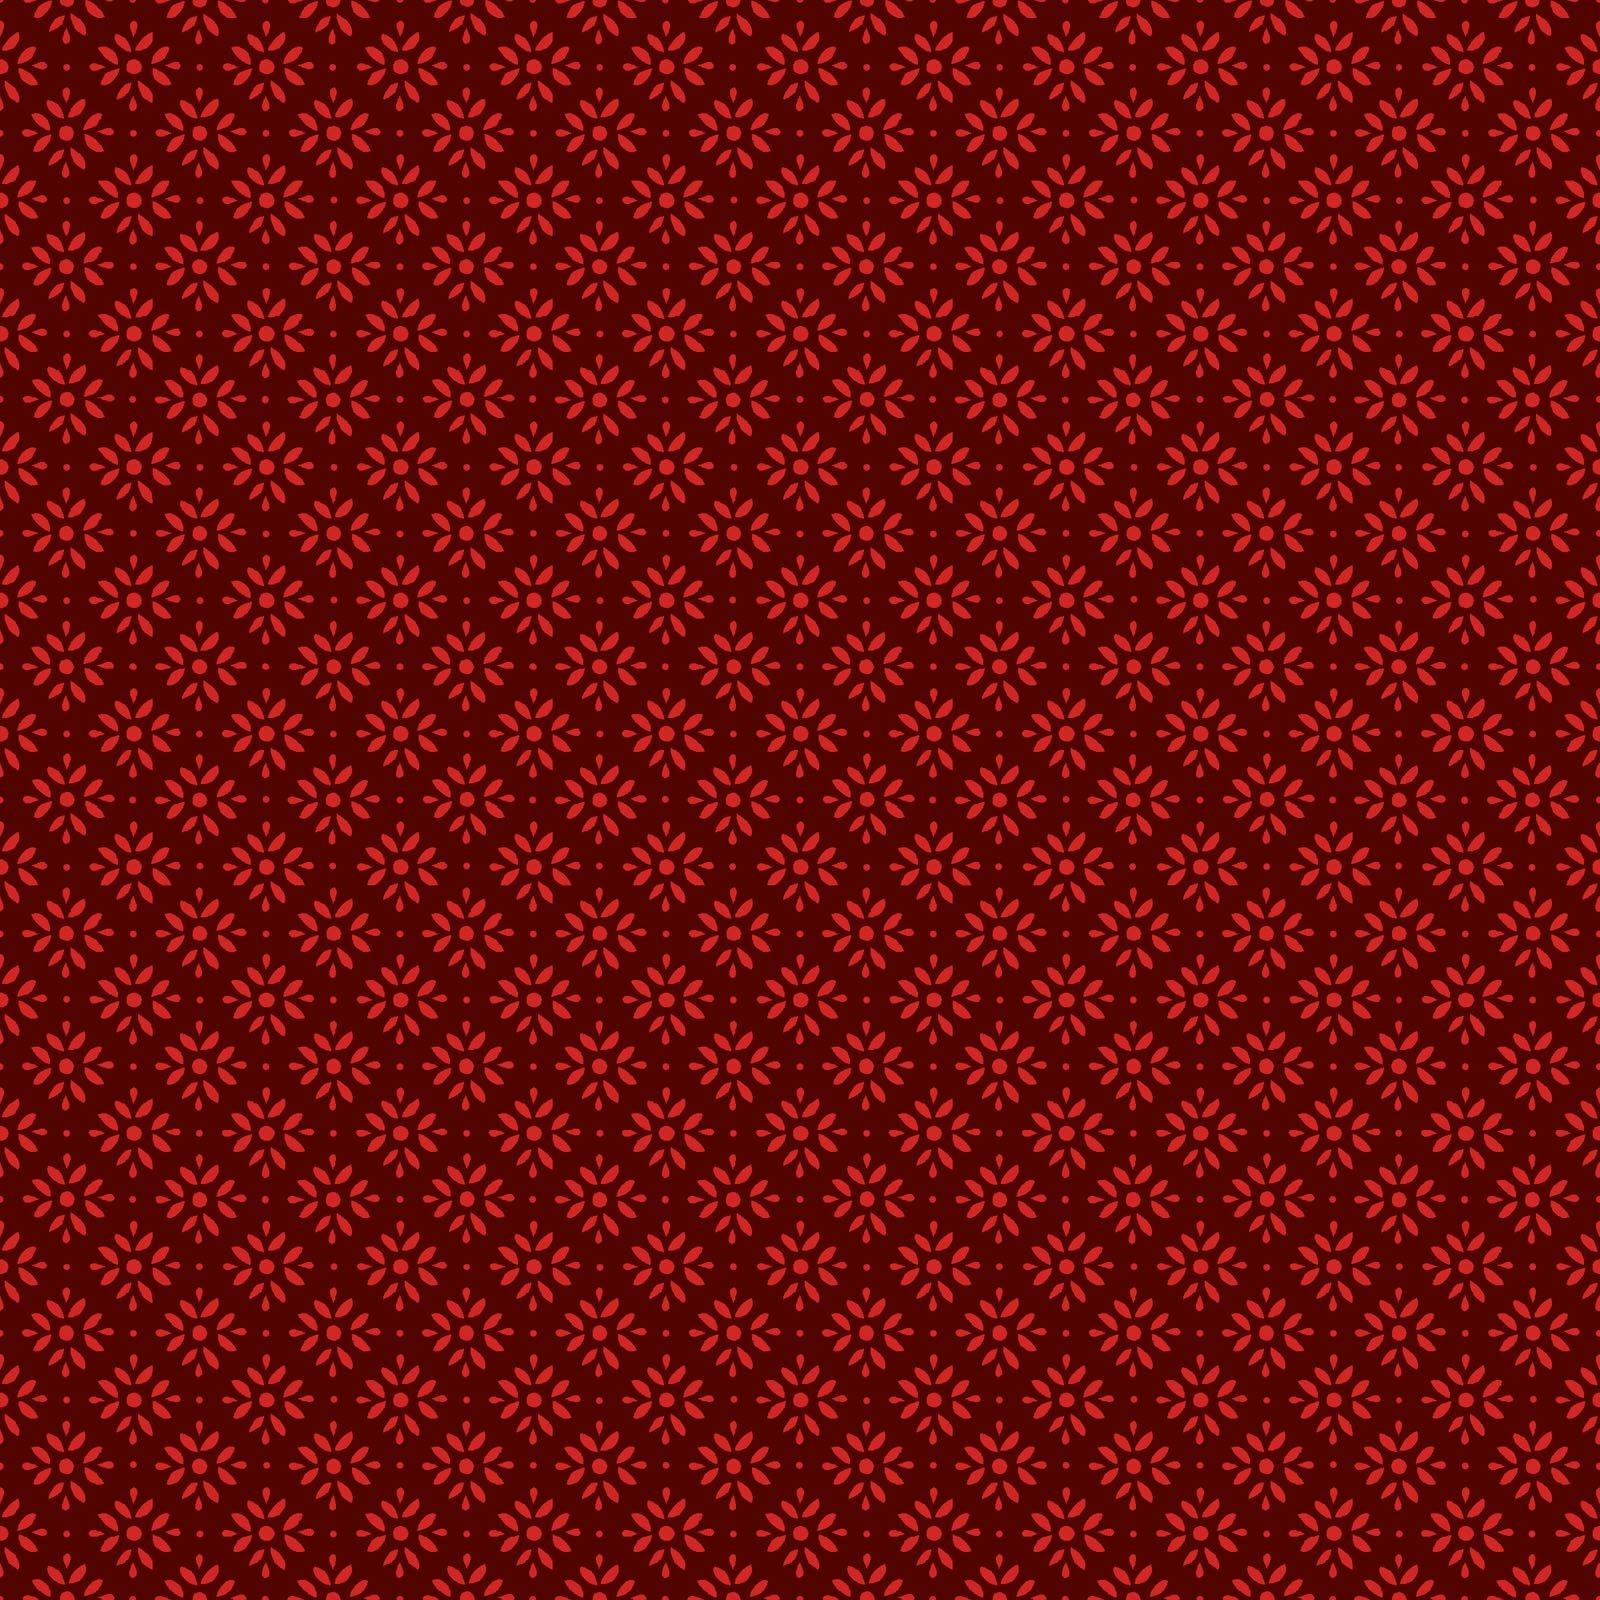 EESC-9918 R - JOYFUL BY MAYWOOD STUDIO SNOWFLAKE RED - ARRIVING IN JUNE 2021